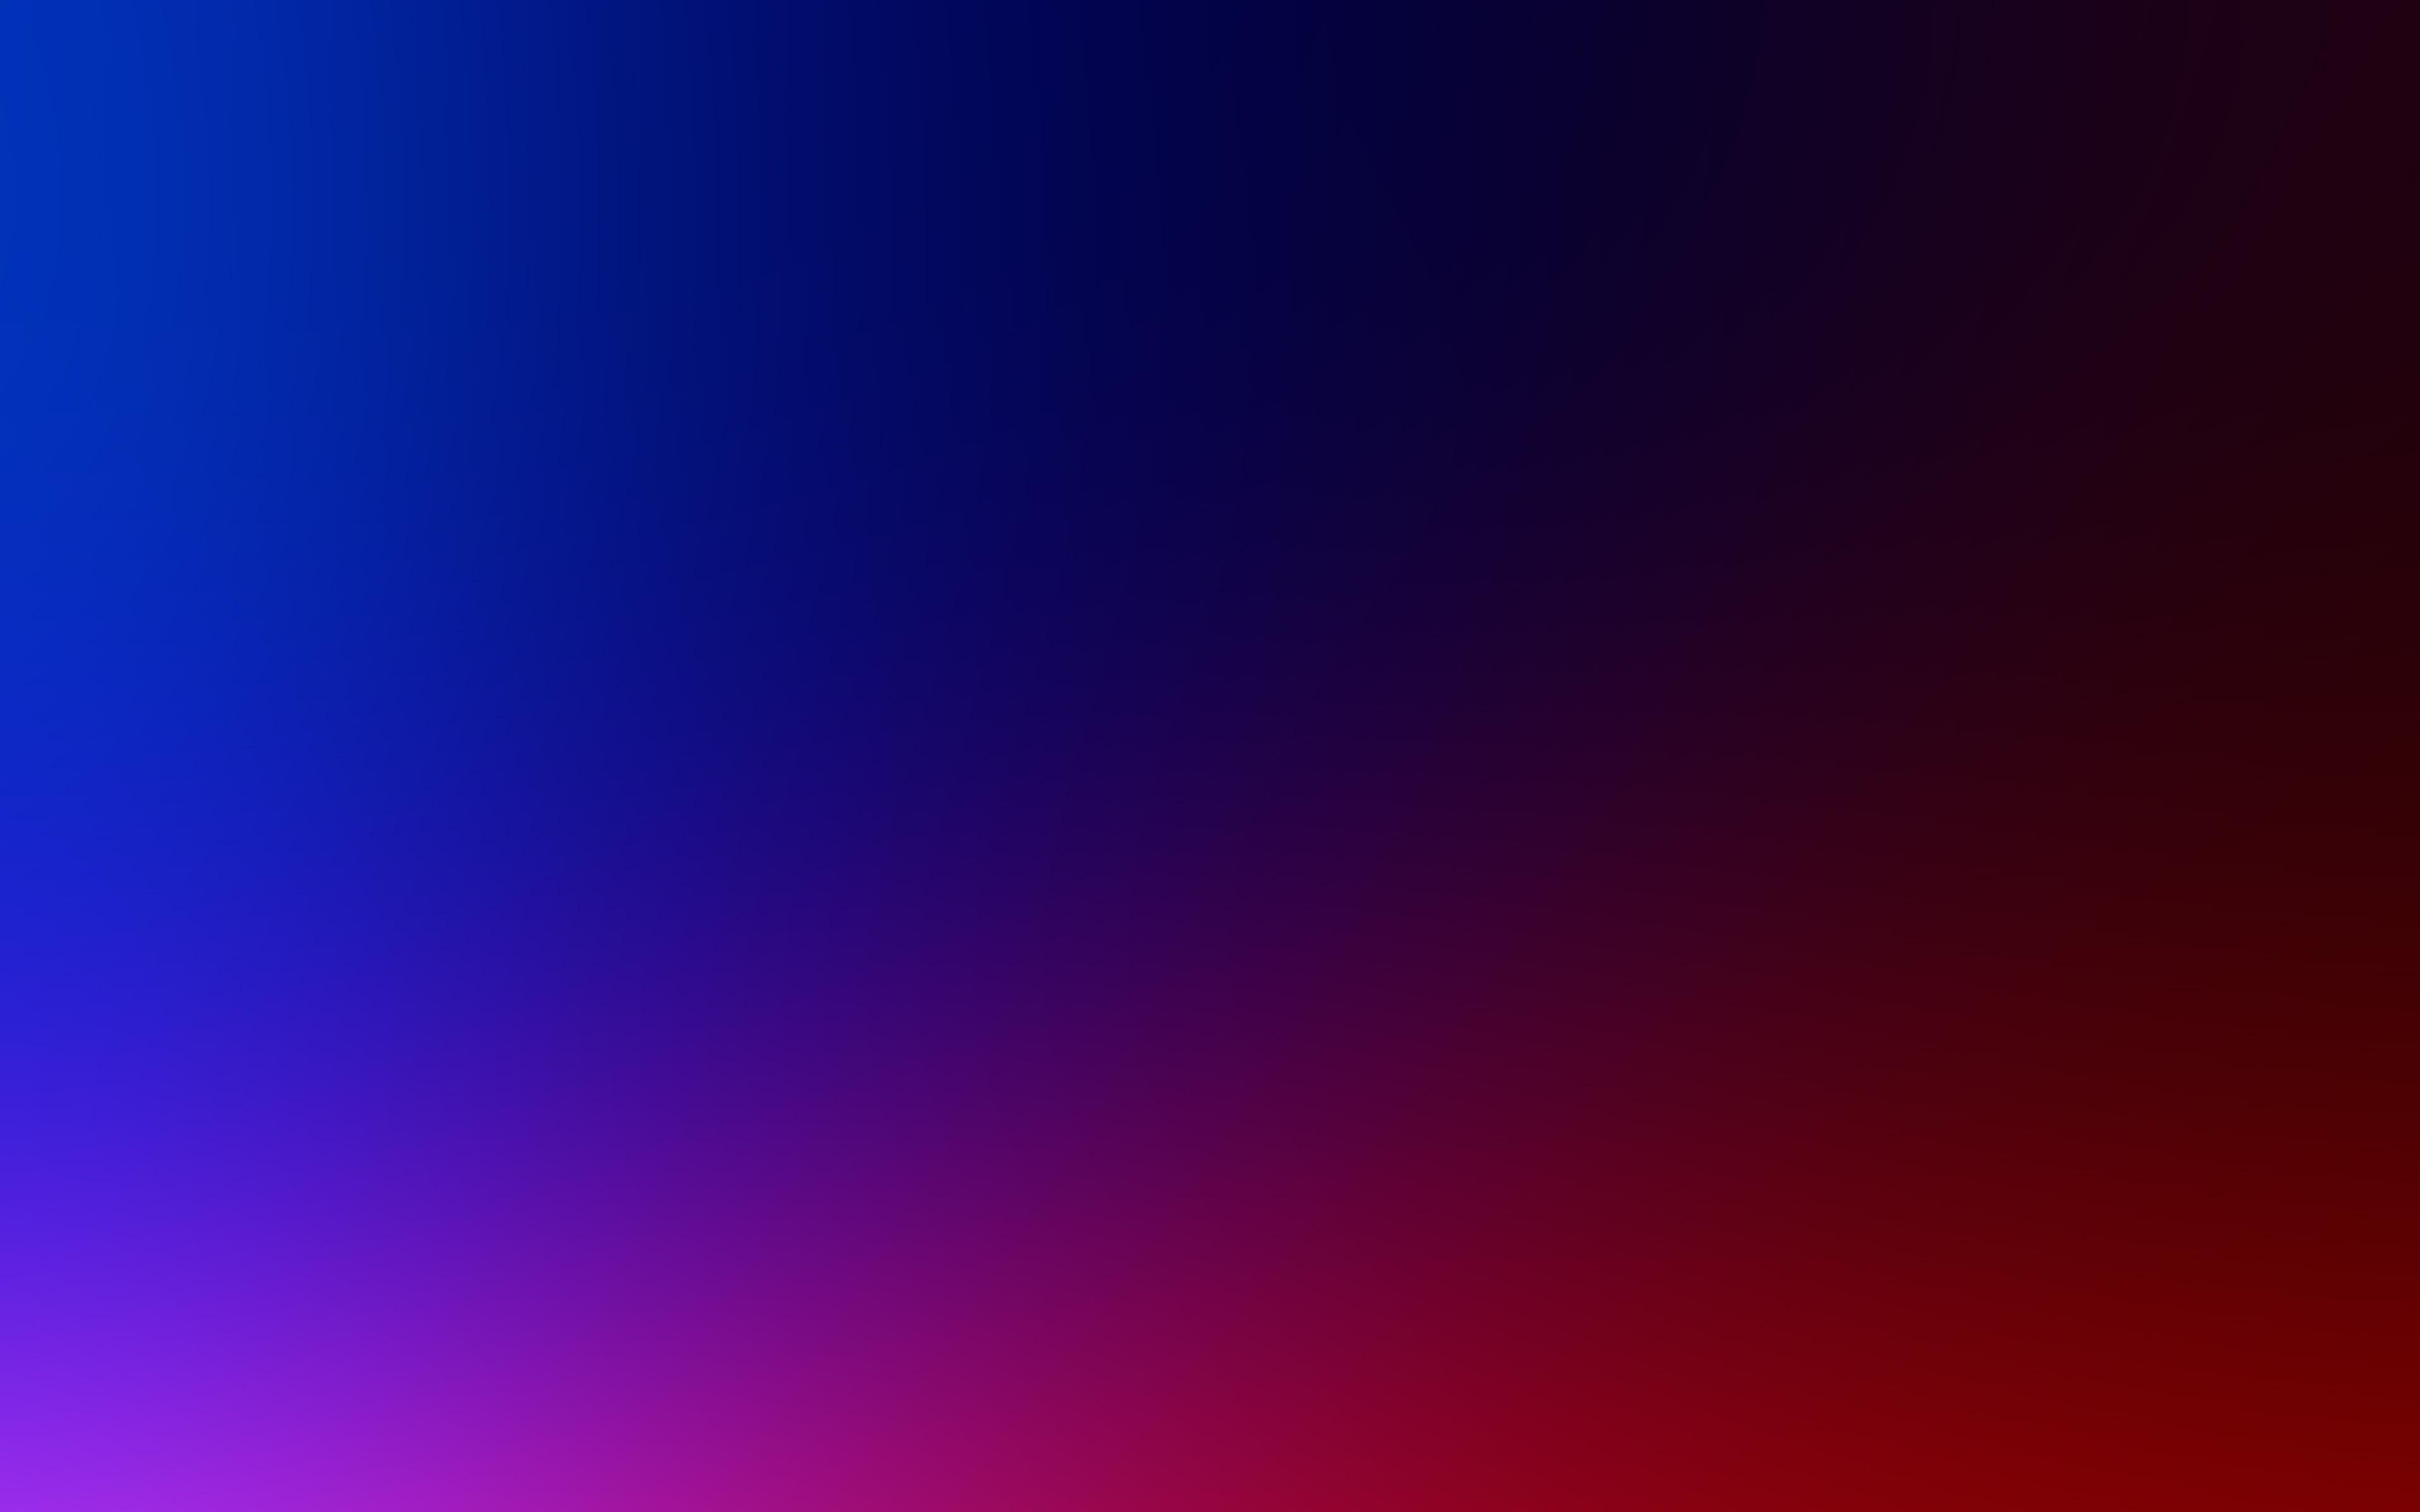 Sj06 Blue Red Blur Night Wallpaper